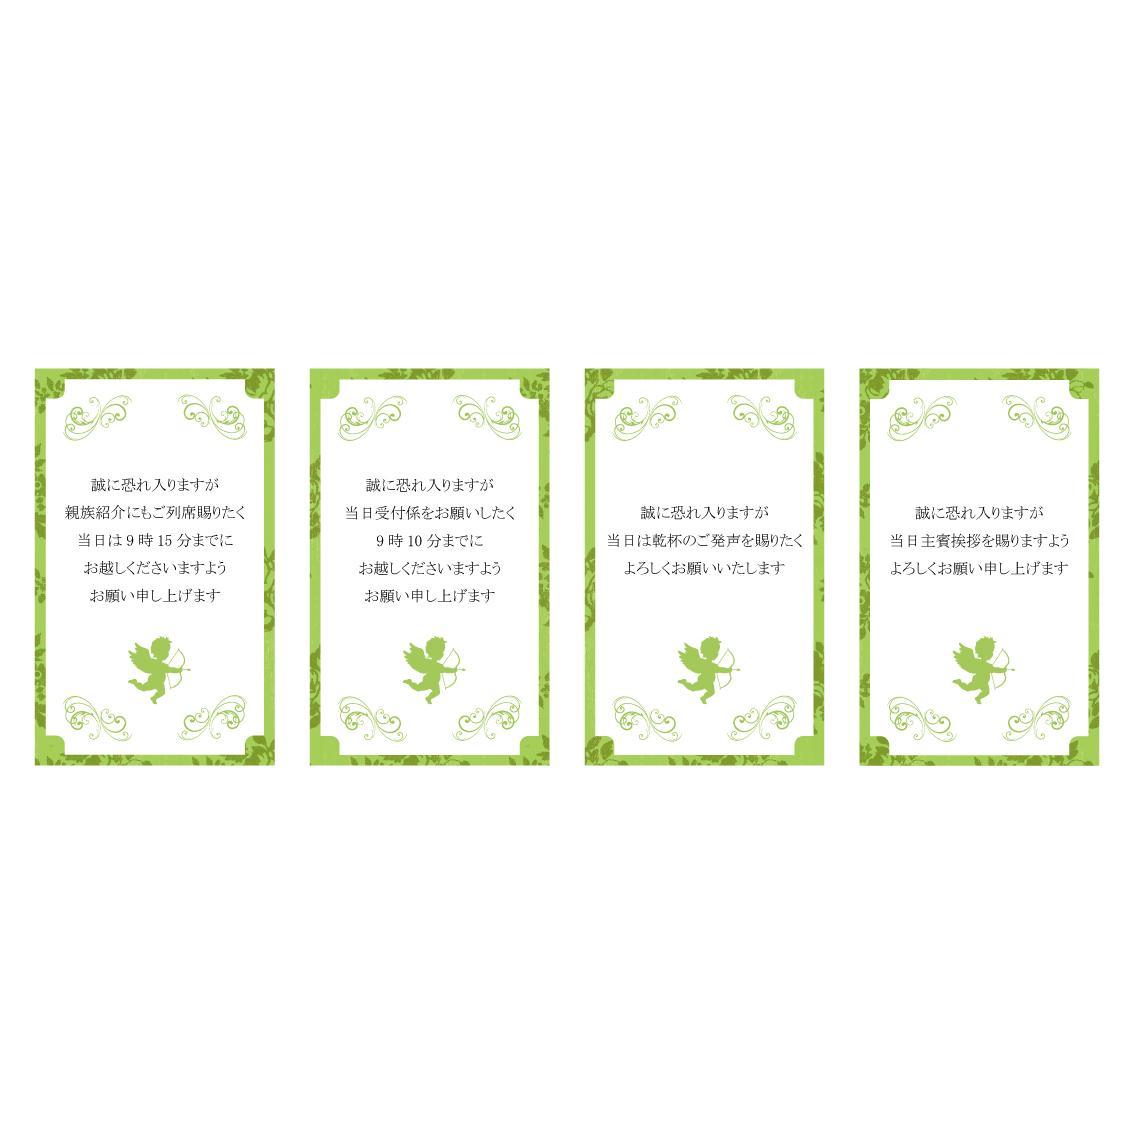 ウェディング招待状♪付箋をデザインします オリジナルなウェディングをご希望の方に!